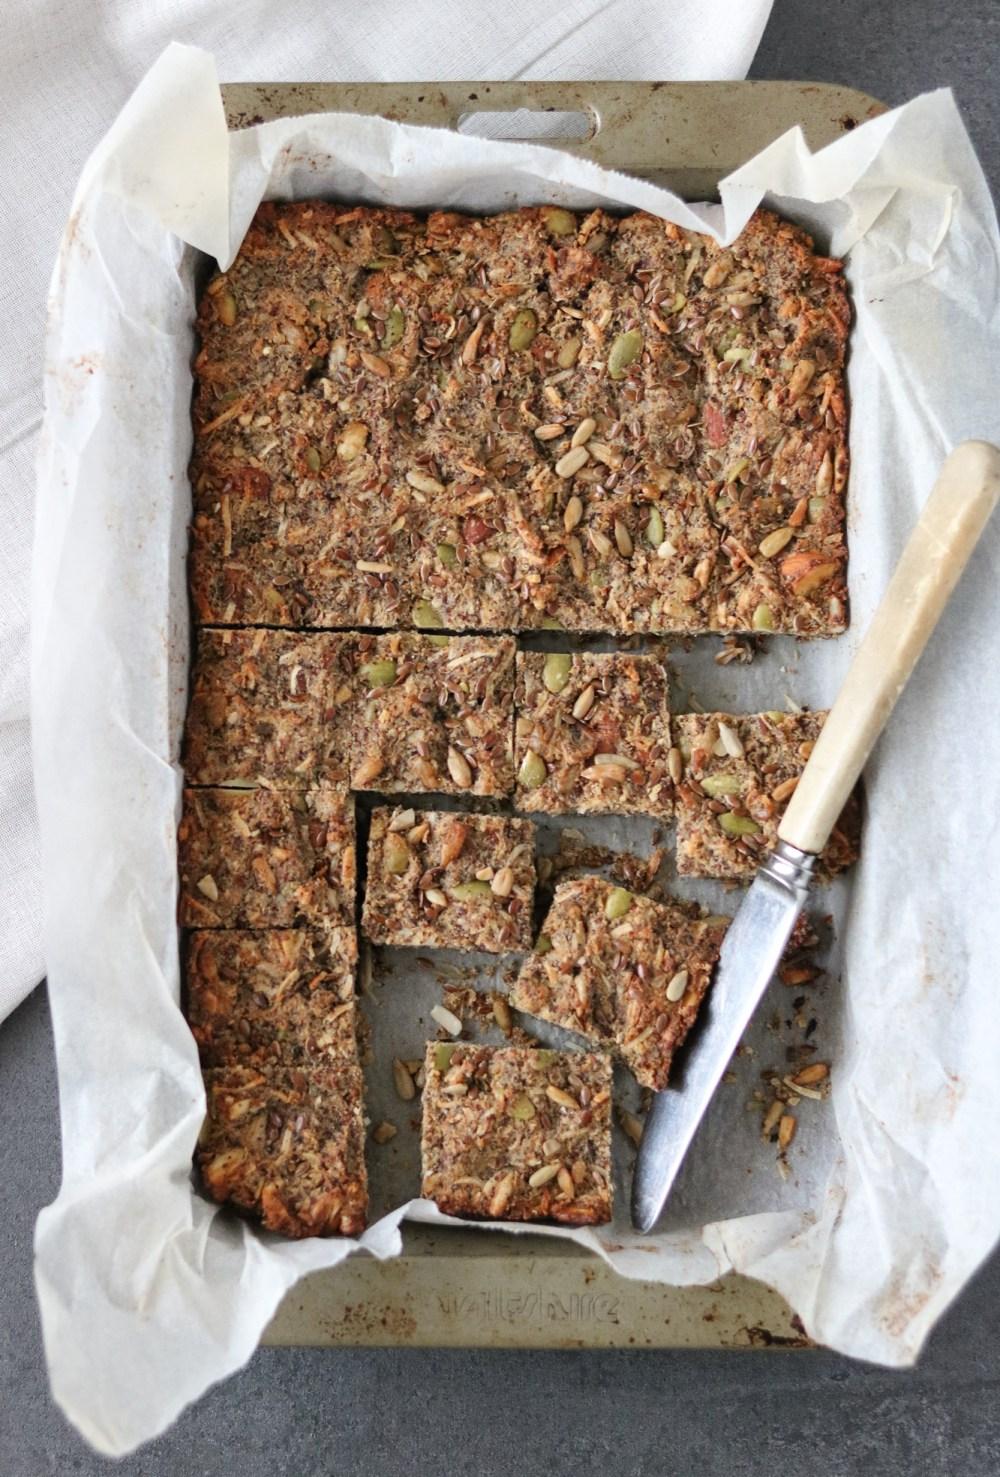 Photo: Fruit free muesli bar slice